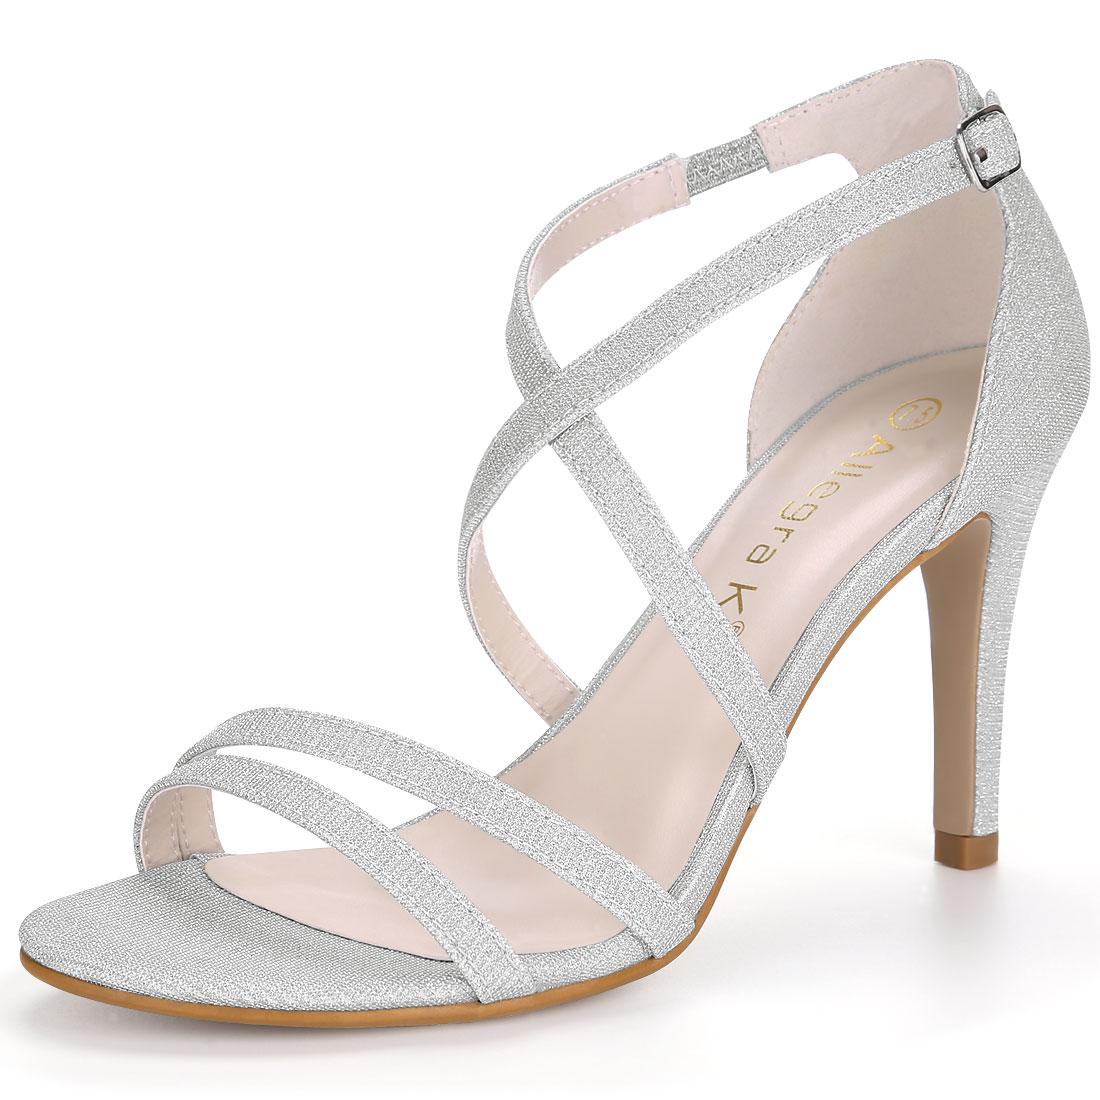 Allegra K Women's Glitter Design Stiletto Heel Strappy Sandals Silver US 9